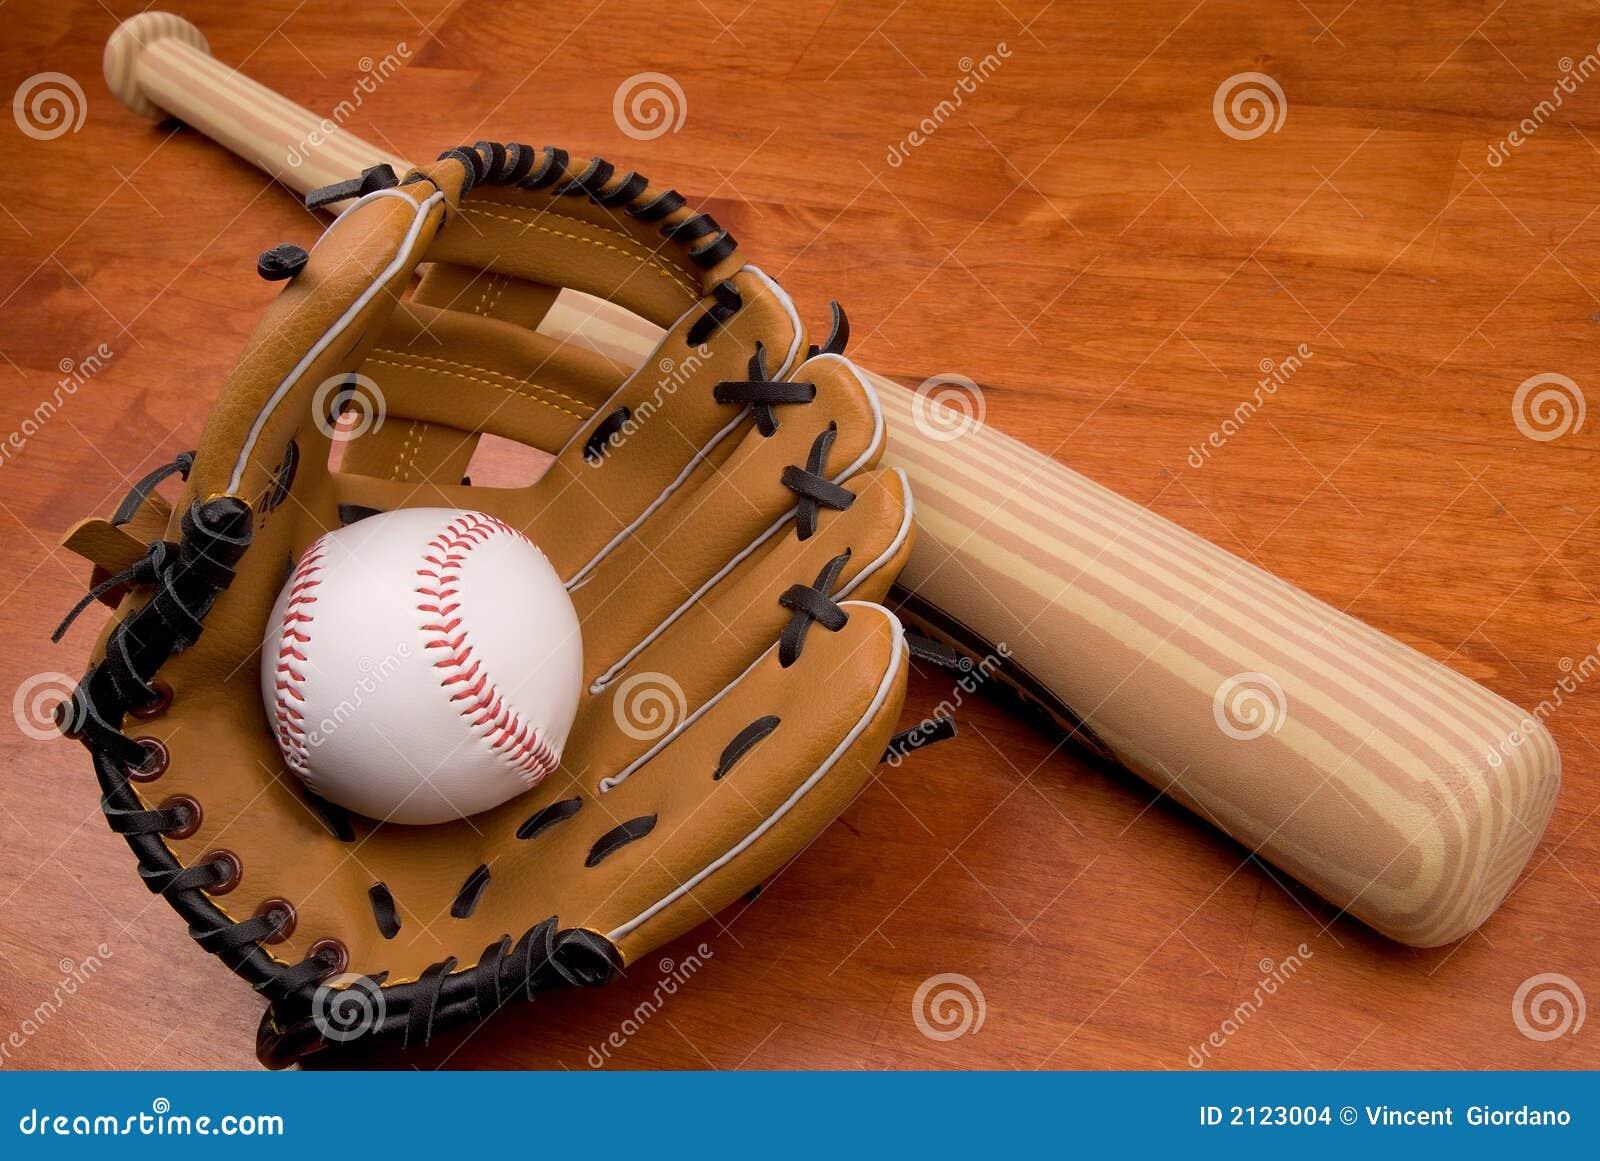 Bate De Béisbol, Mitón Y Bola Foto de archivo - Imagen de suciedad ...